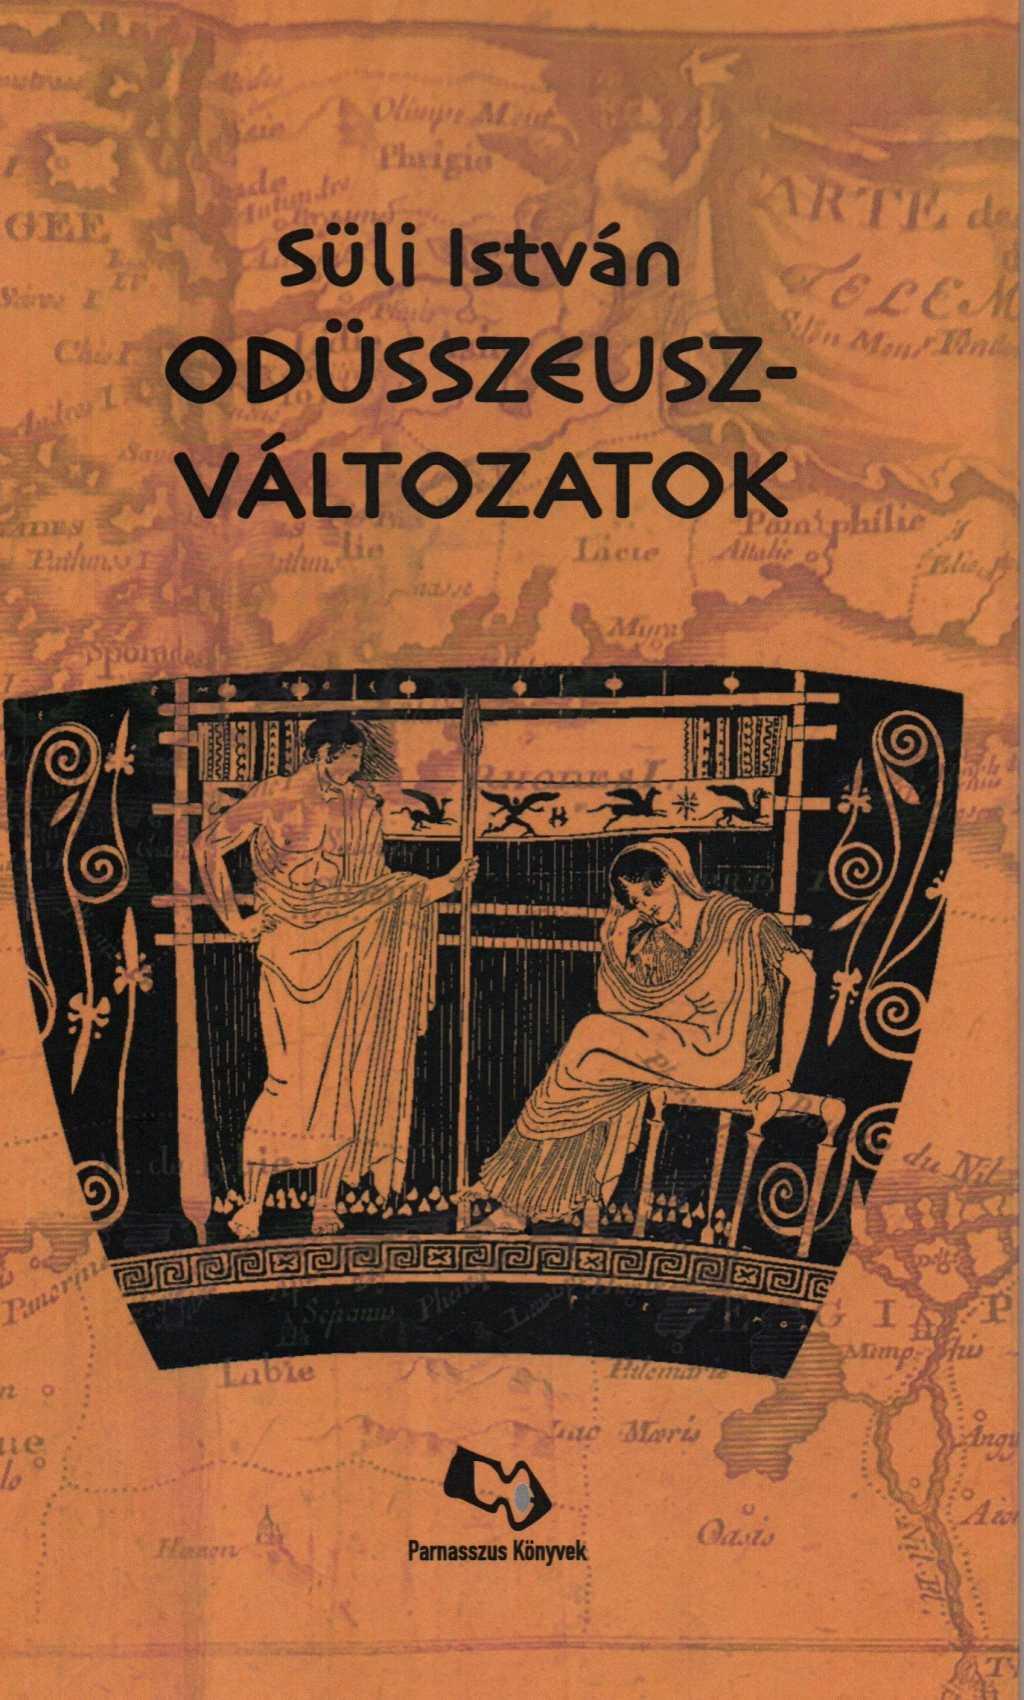 Odüsszeusz-változatok